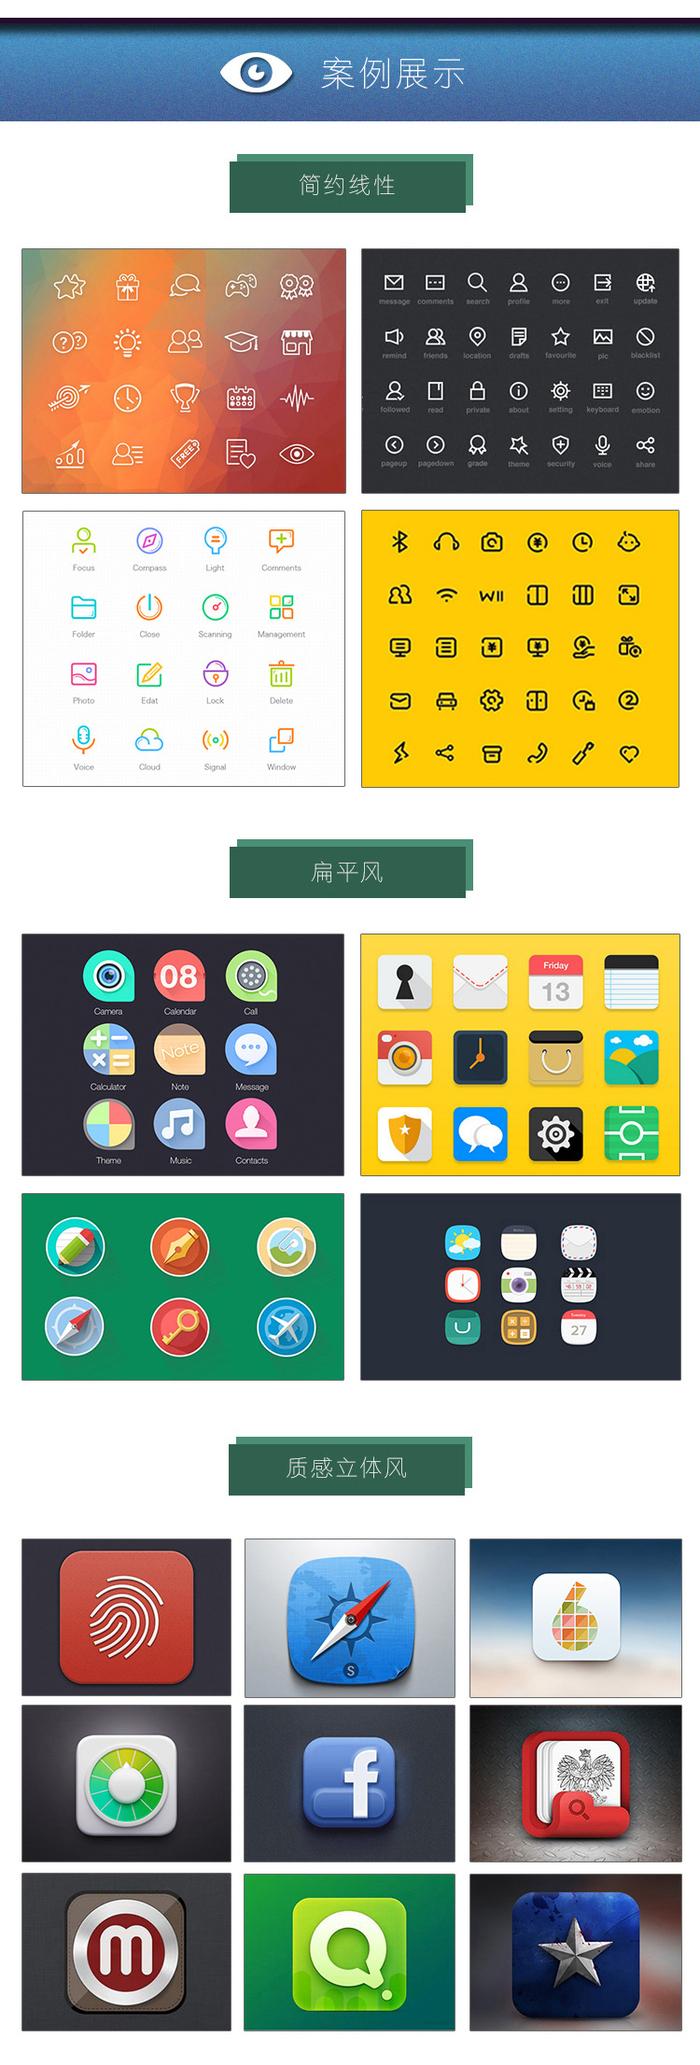 平面设计-图标设计制作icon设计高端定制原创意手绘图标 扁平风拟物